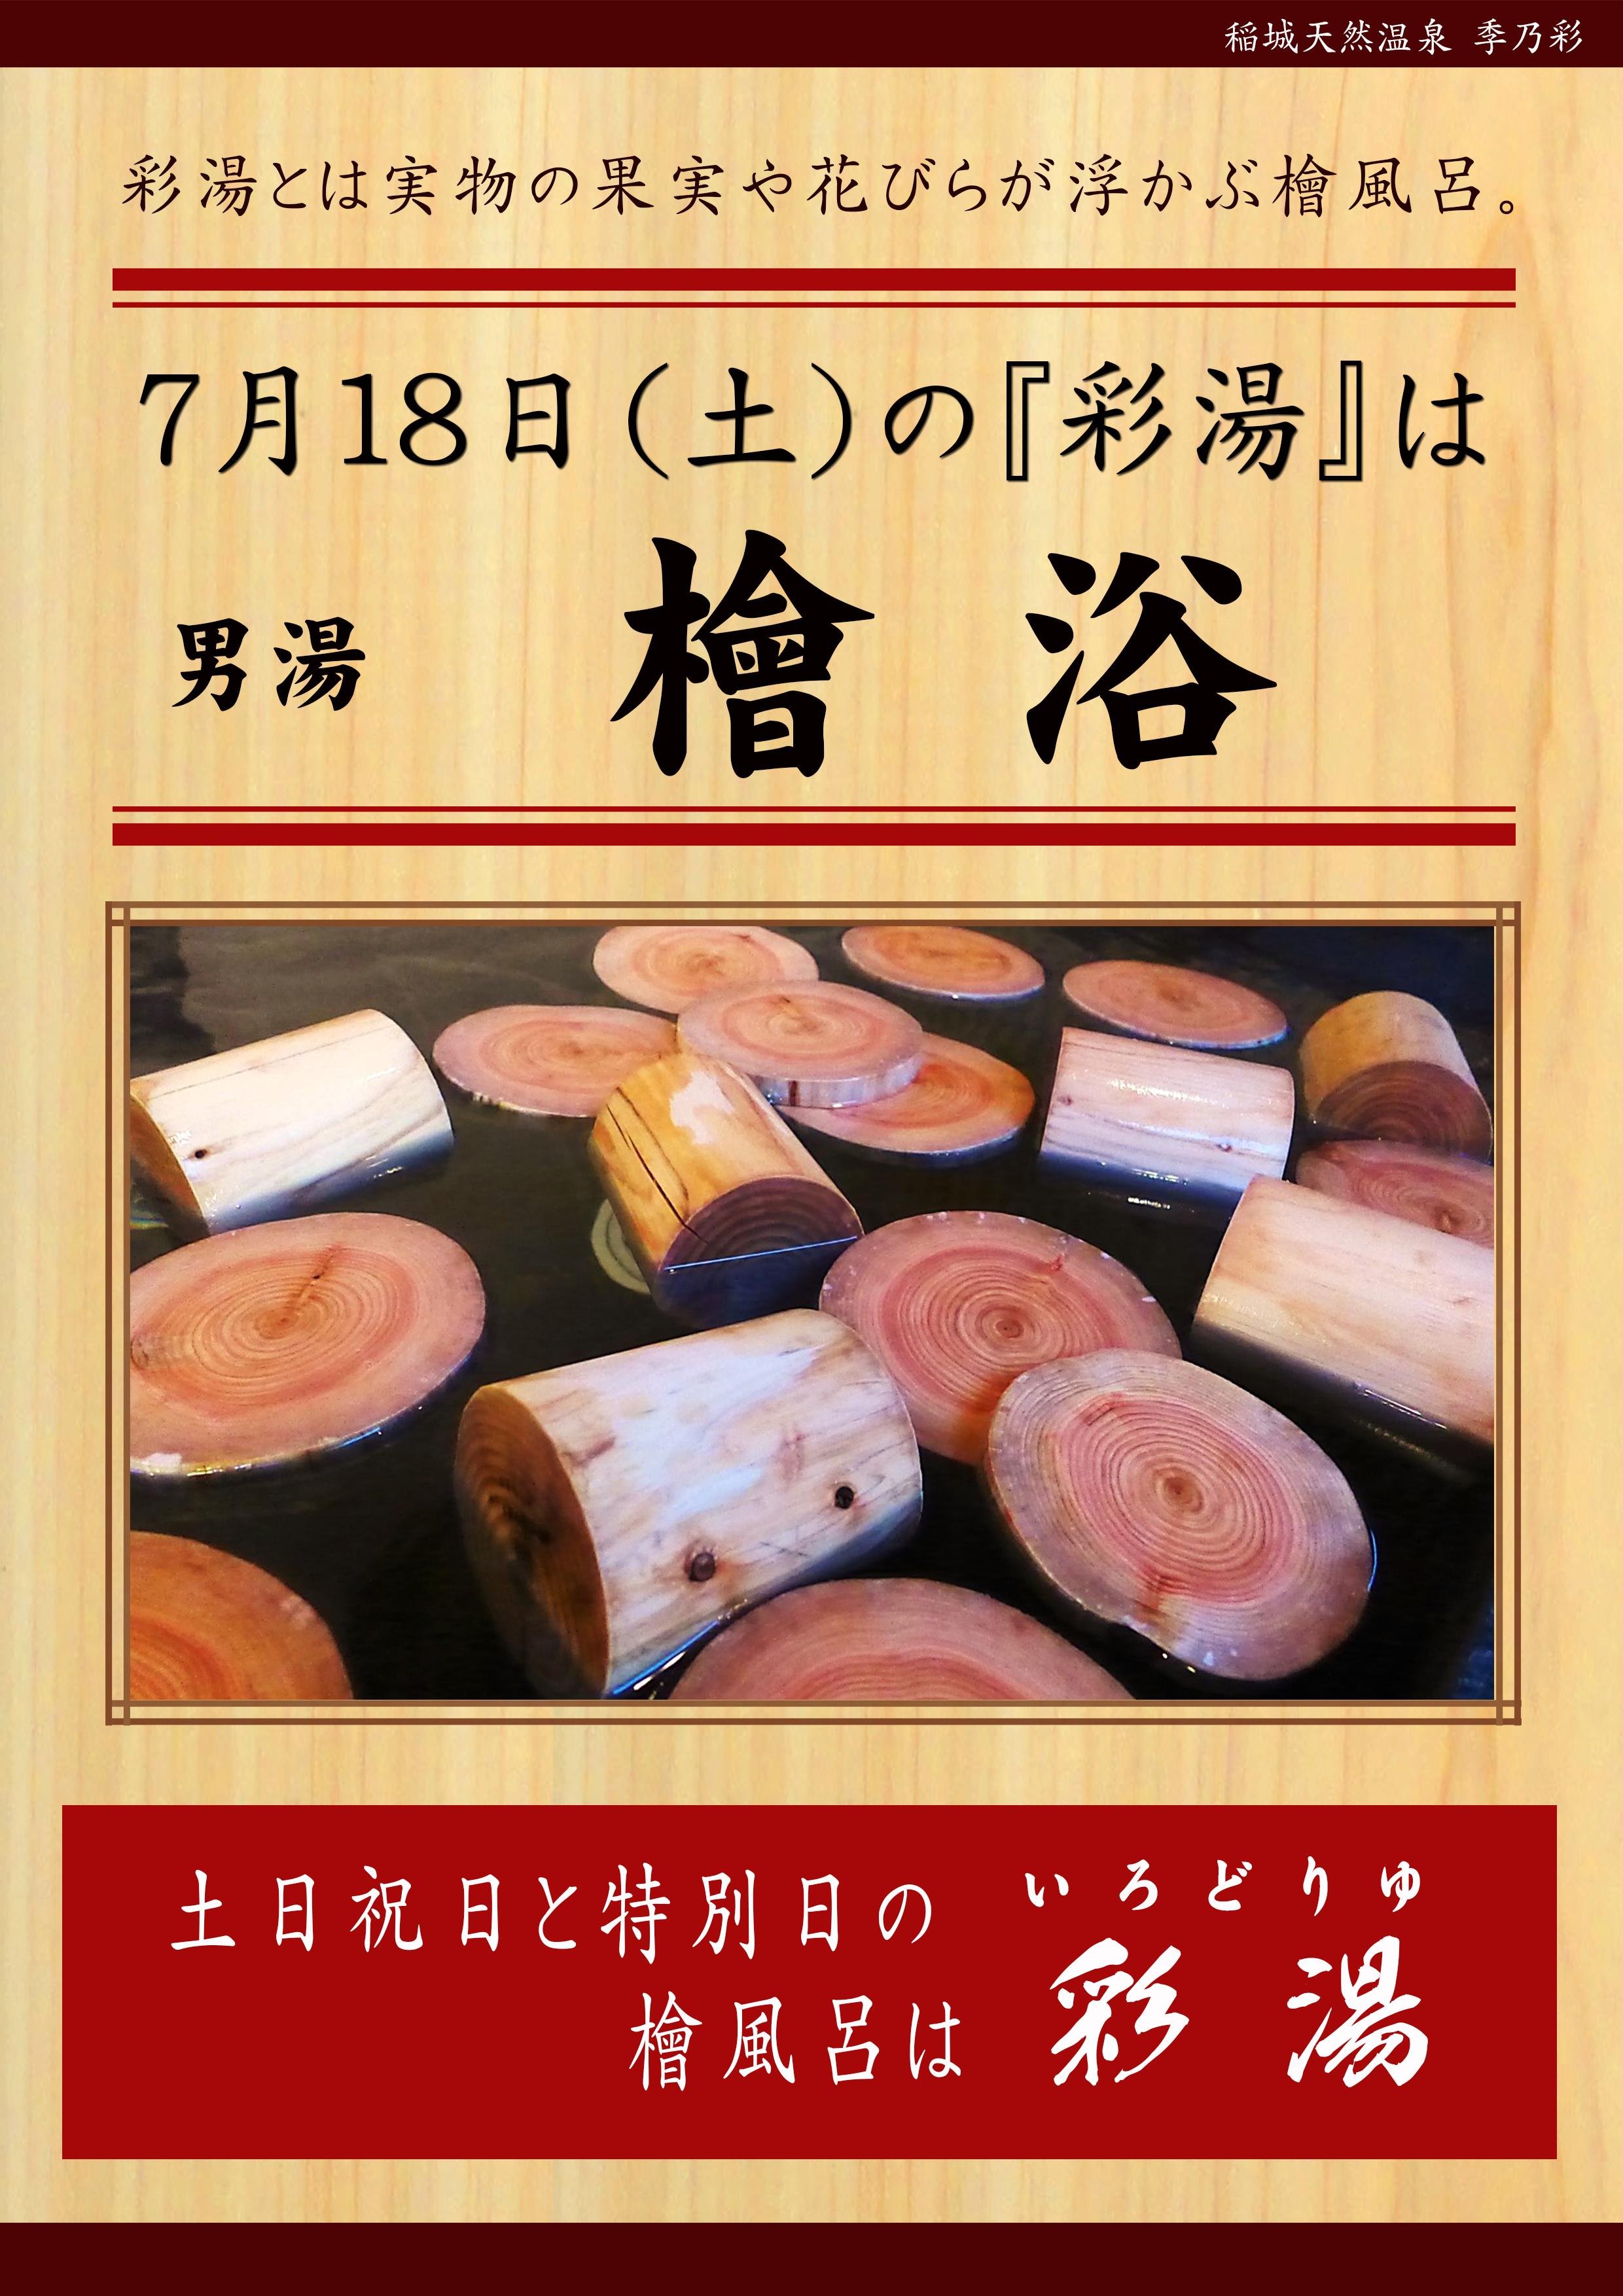 200718 POP イベント 彩湯 男 檜浴